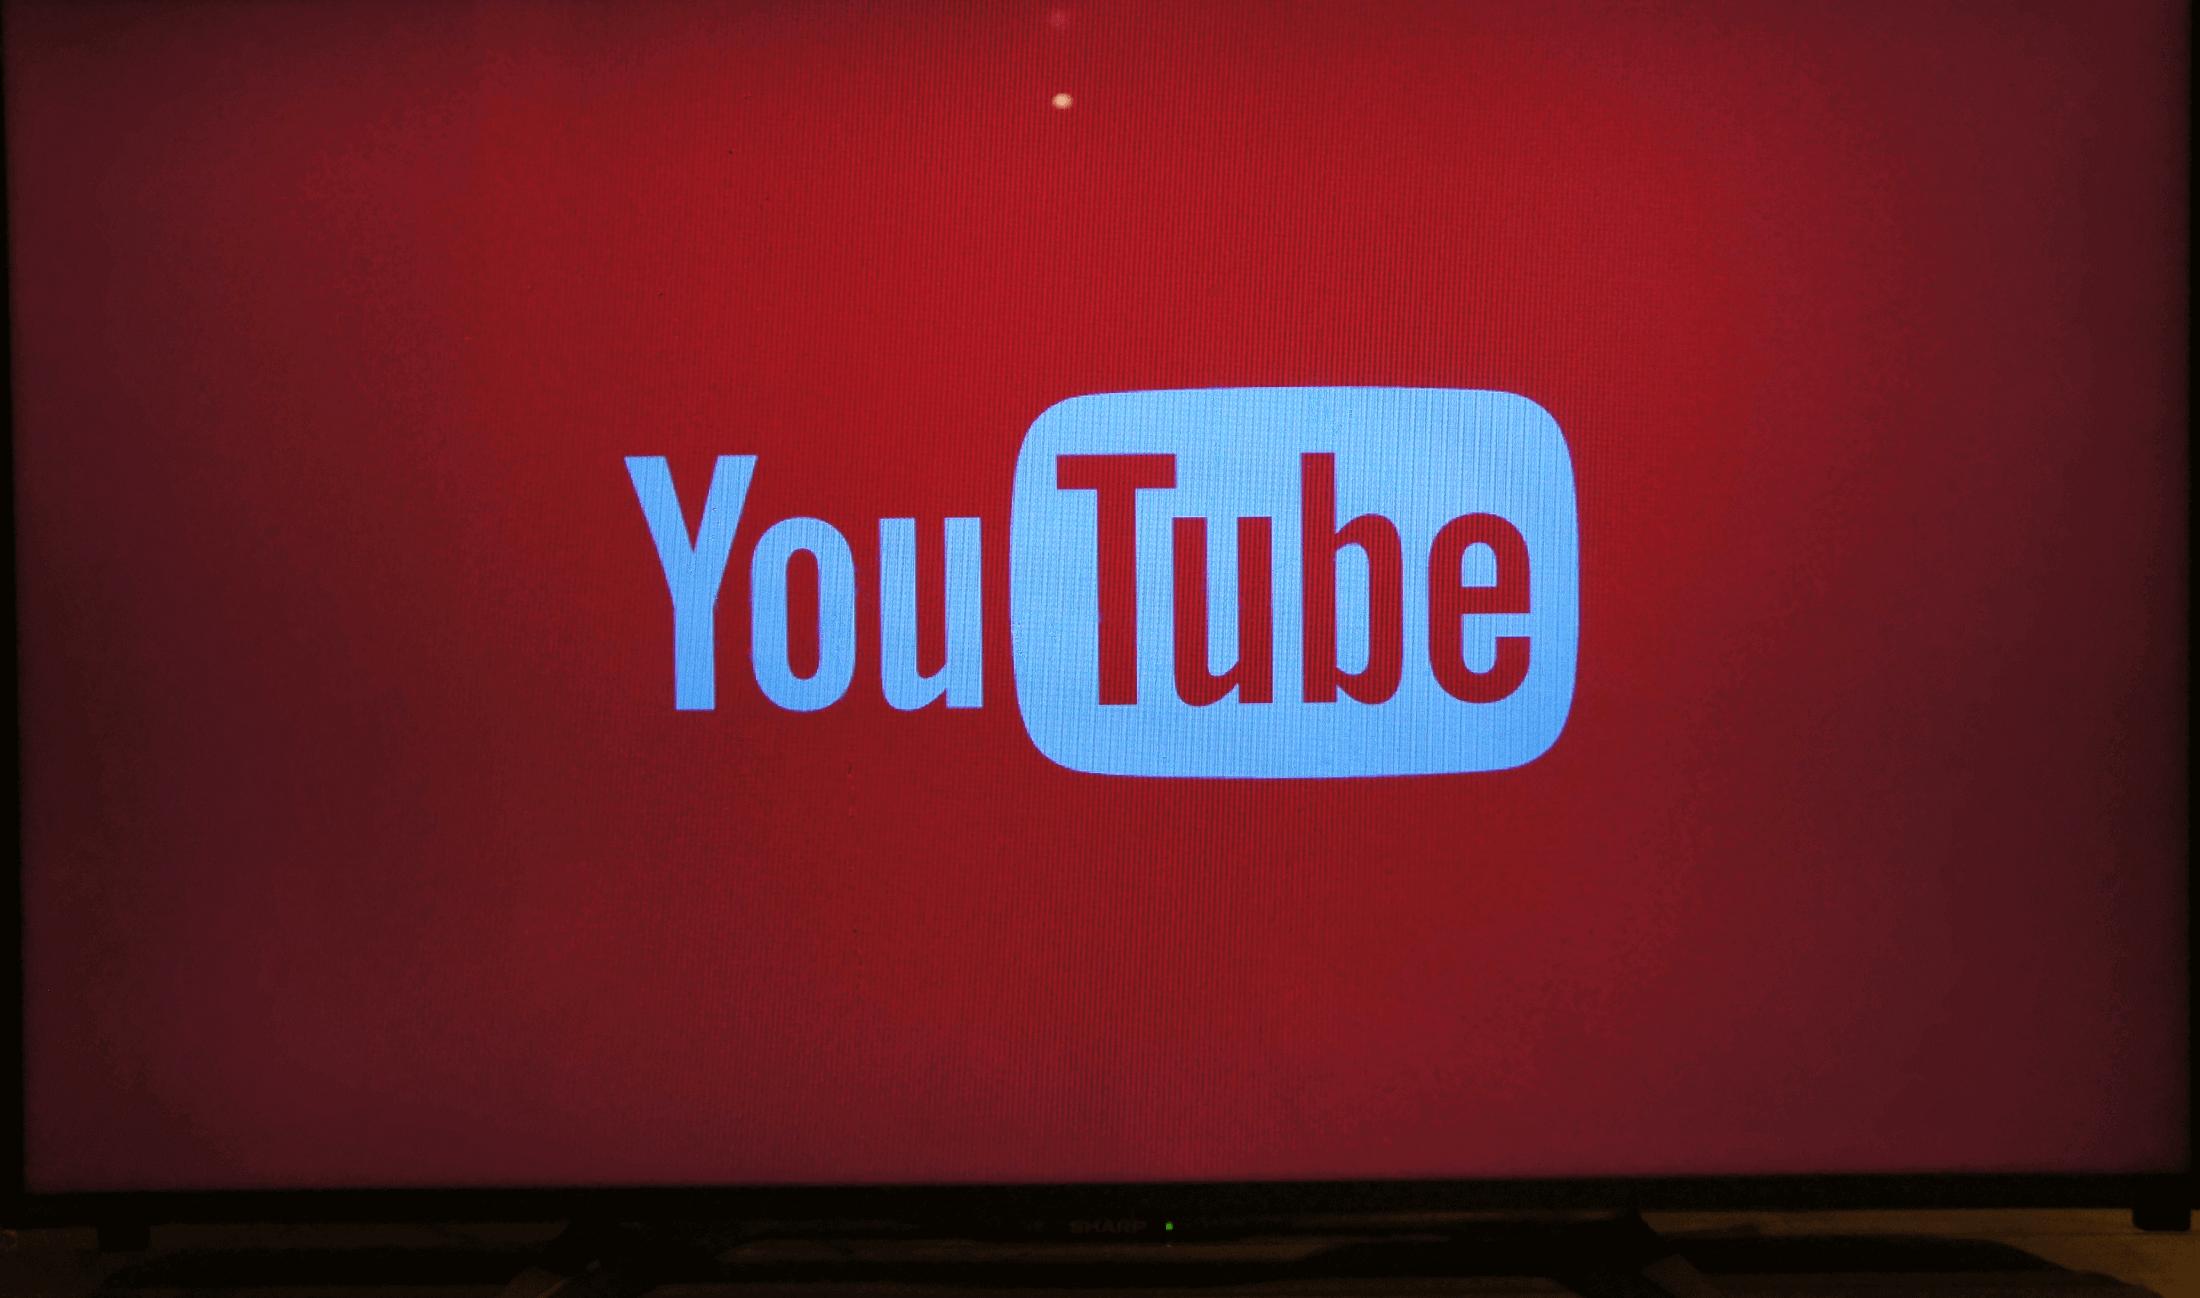 テレビでYouTubeが起動する